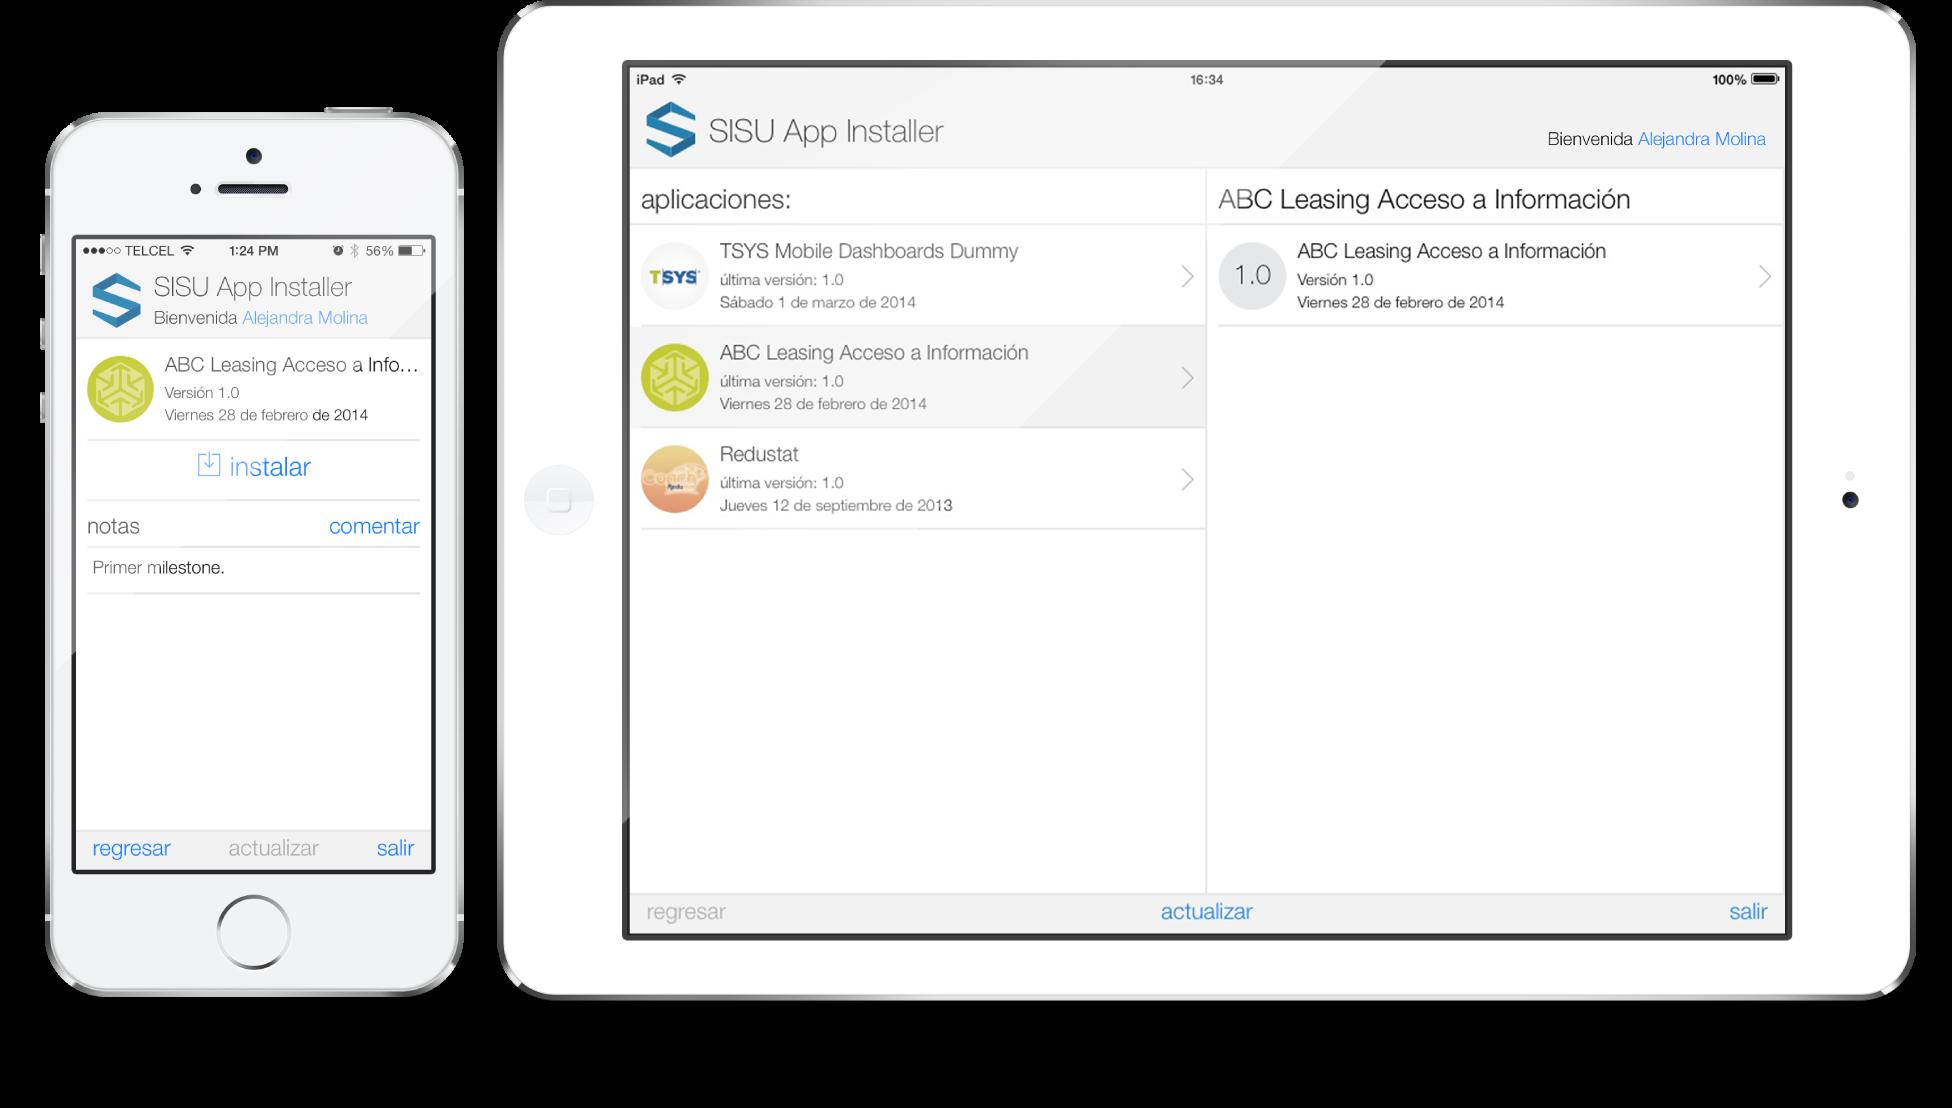 SISU App Installer